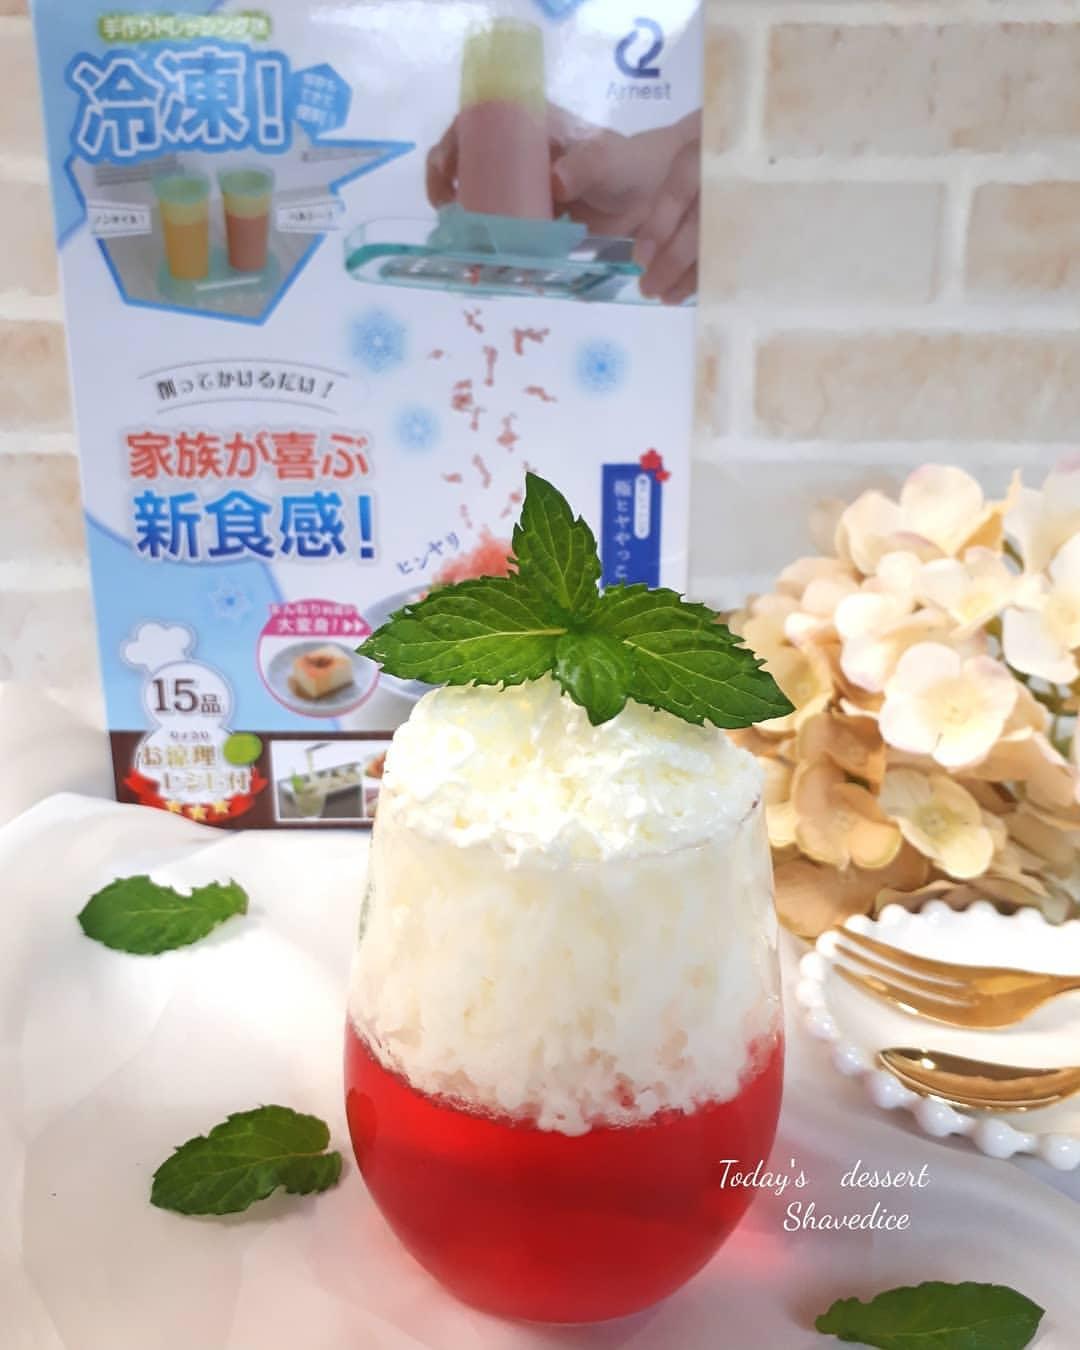 夏のお料理をひんやり楽しく「お涼理メーカー アイスシェフ」モニターママの口コミ!